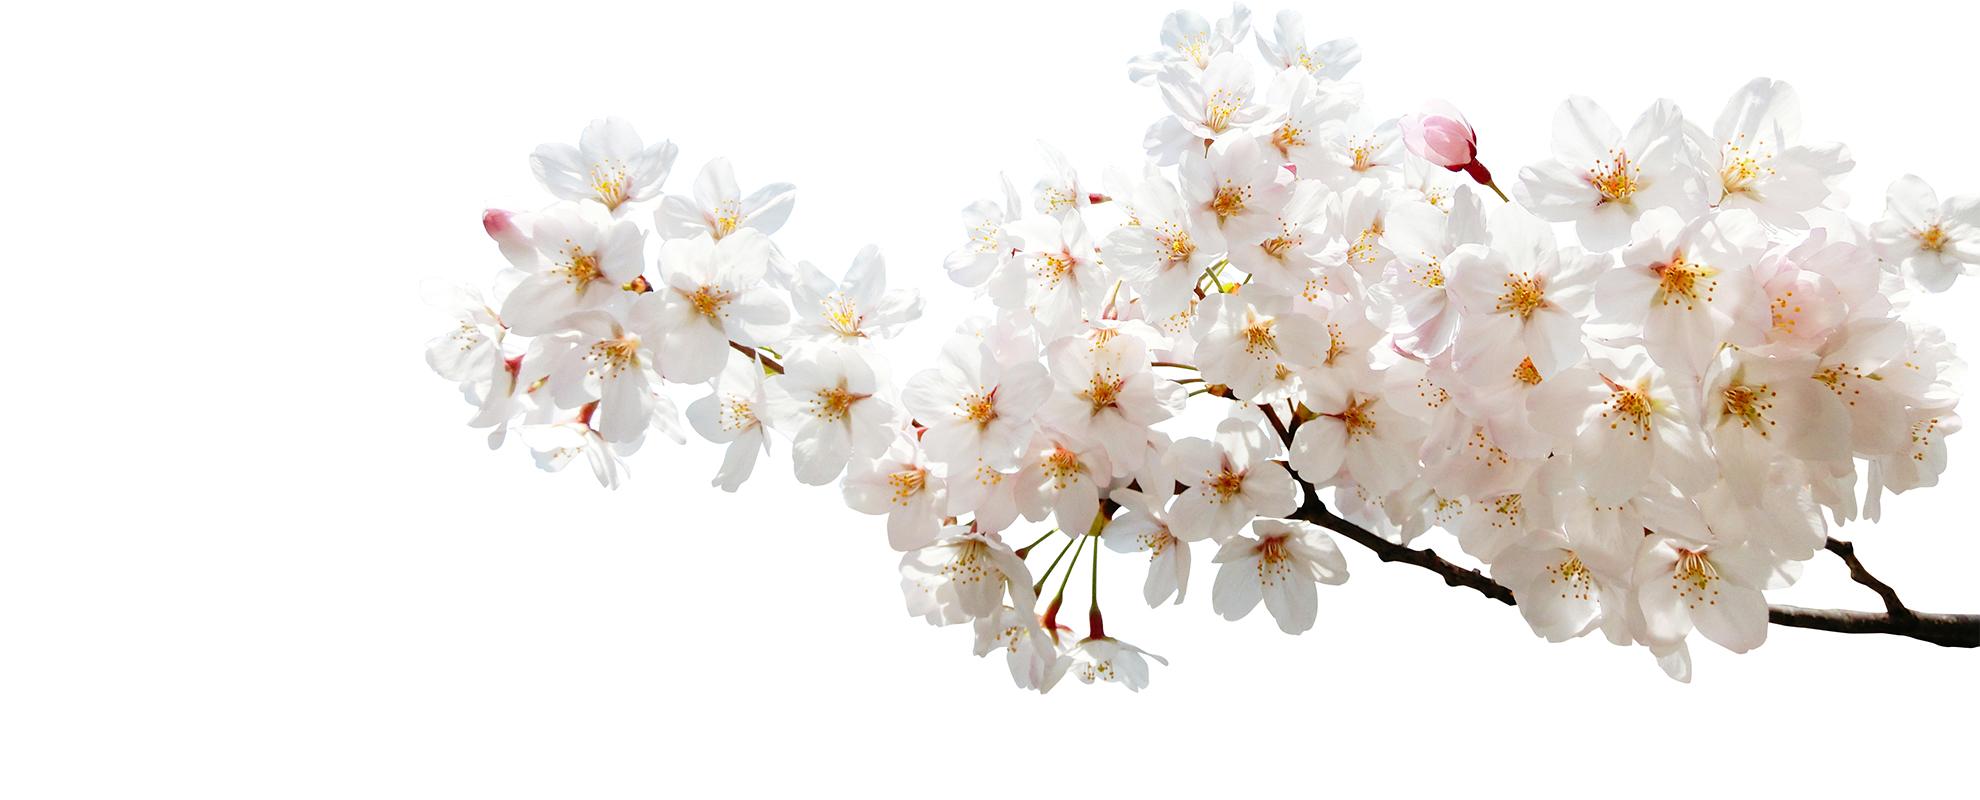 ホワイトデー&新しい季節を彩る「春の贈り物」